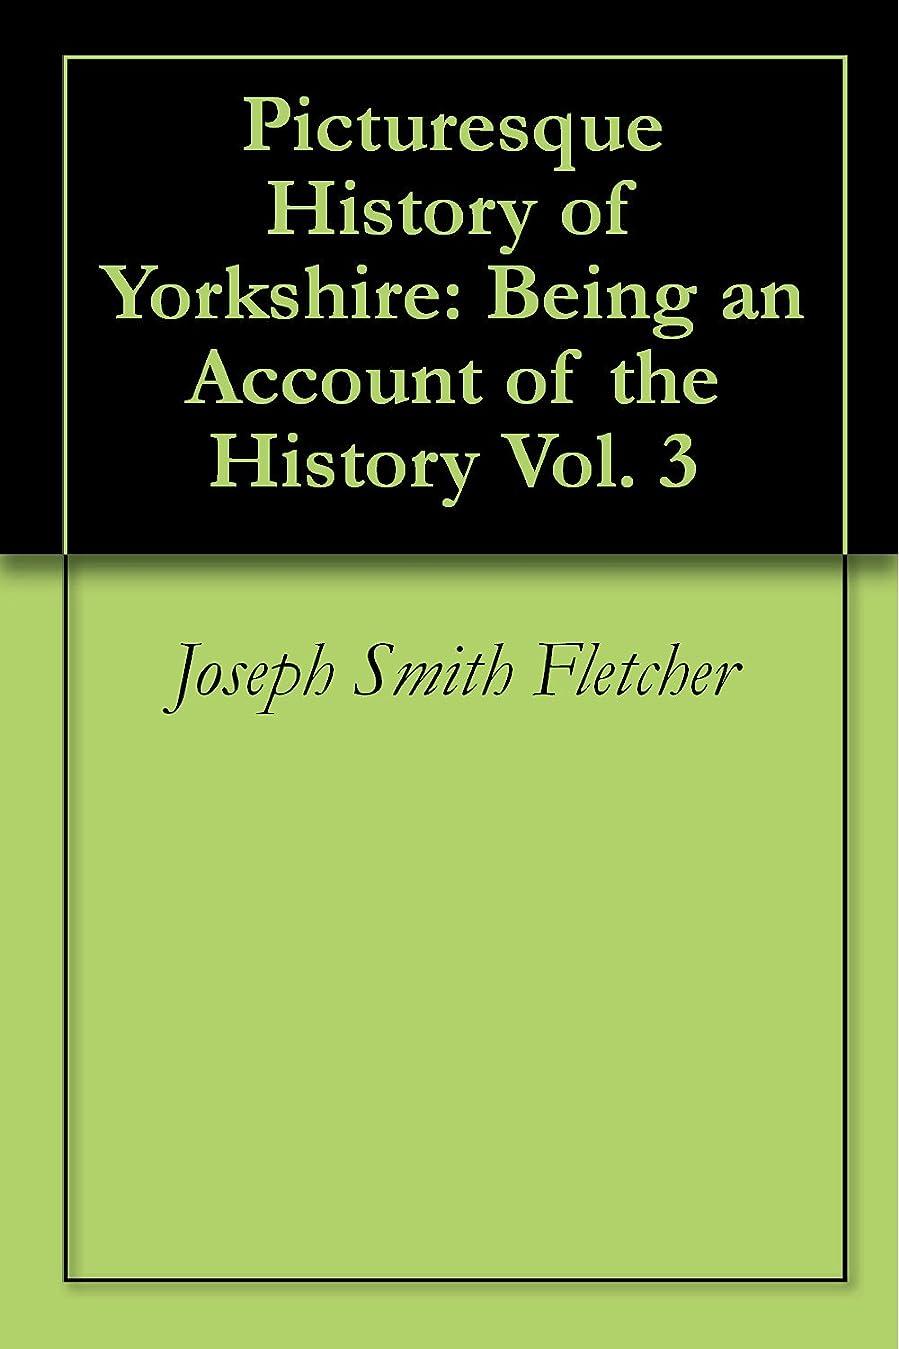 不一致ふくろう転倒Picturesque History of Yorkshire: Being an Account of the History Vol. 3 (English Edition)